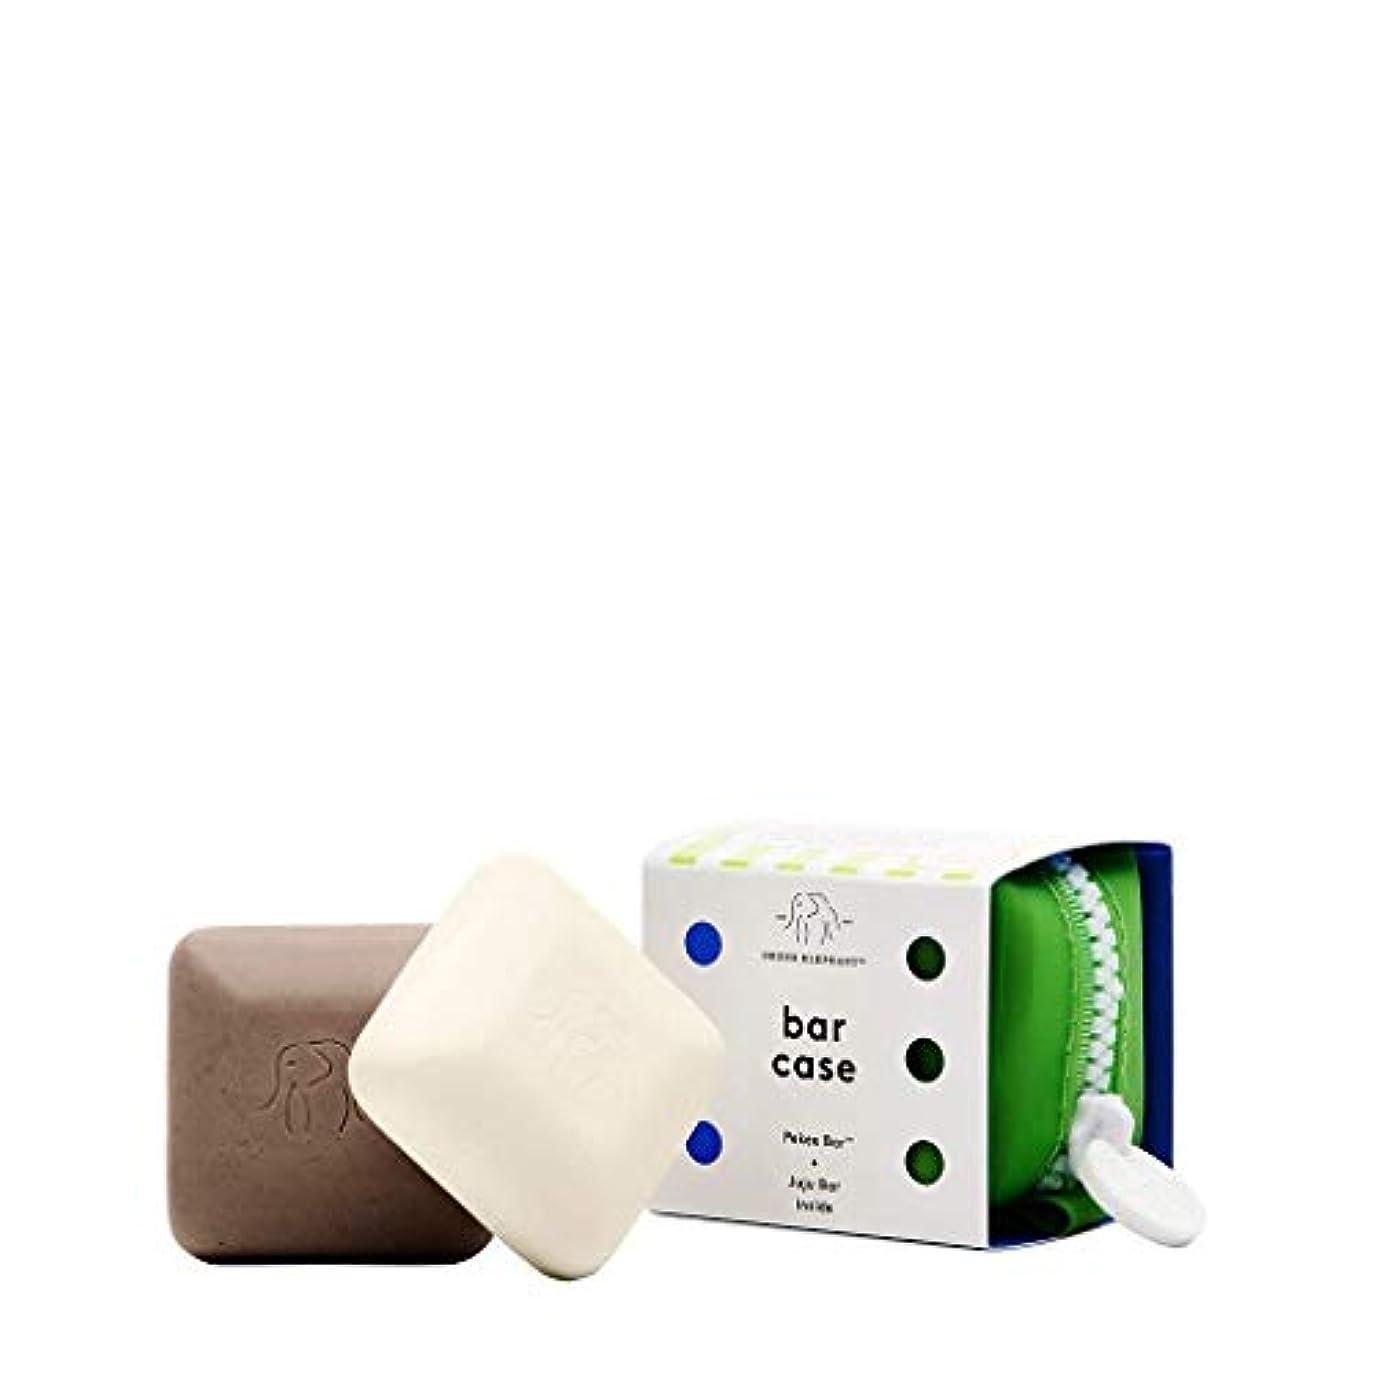 仲間気怠い倍率DRUNK ELEPHANT Baby Bar Travel Duo(2 x 30g) ドランクエレファントミニ洗顔石鹸セット